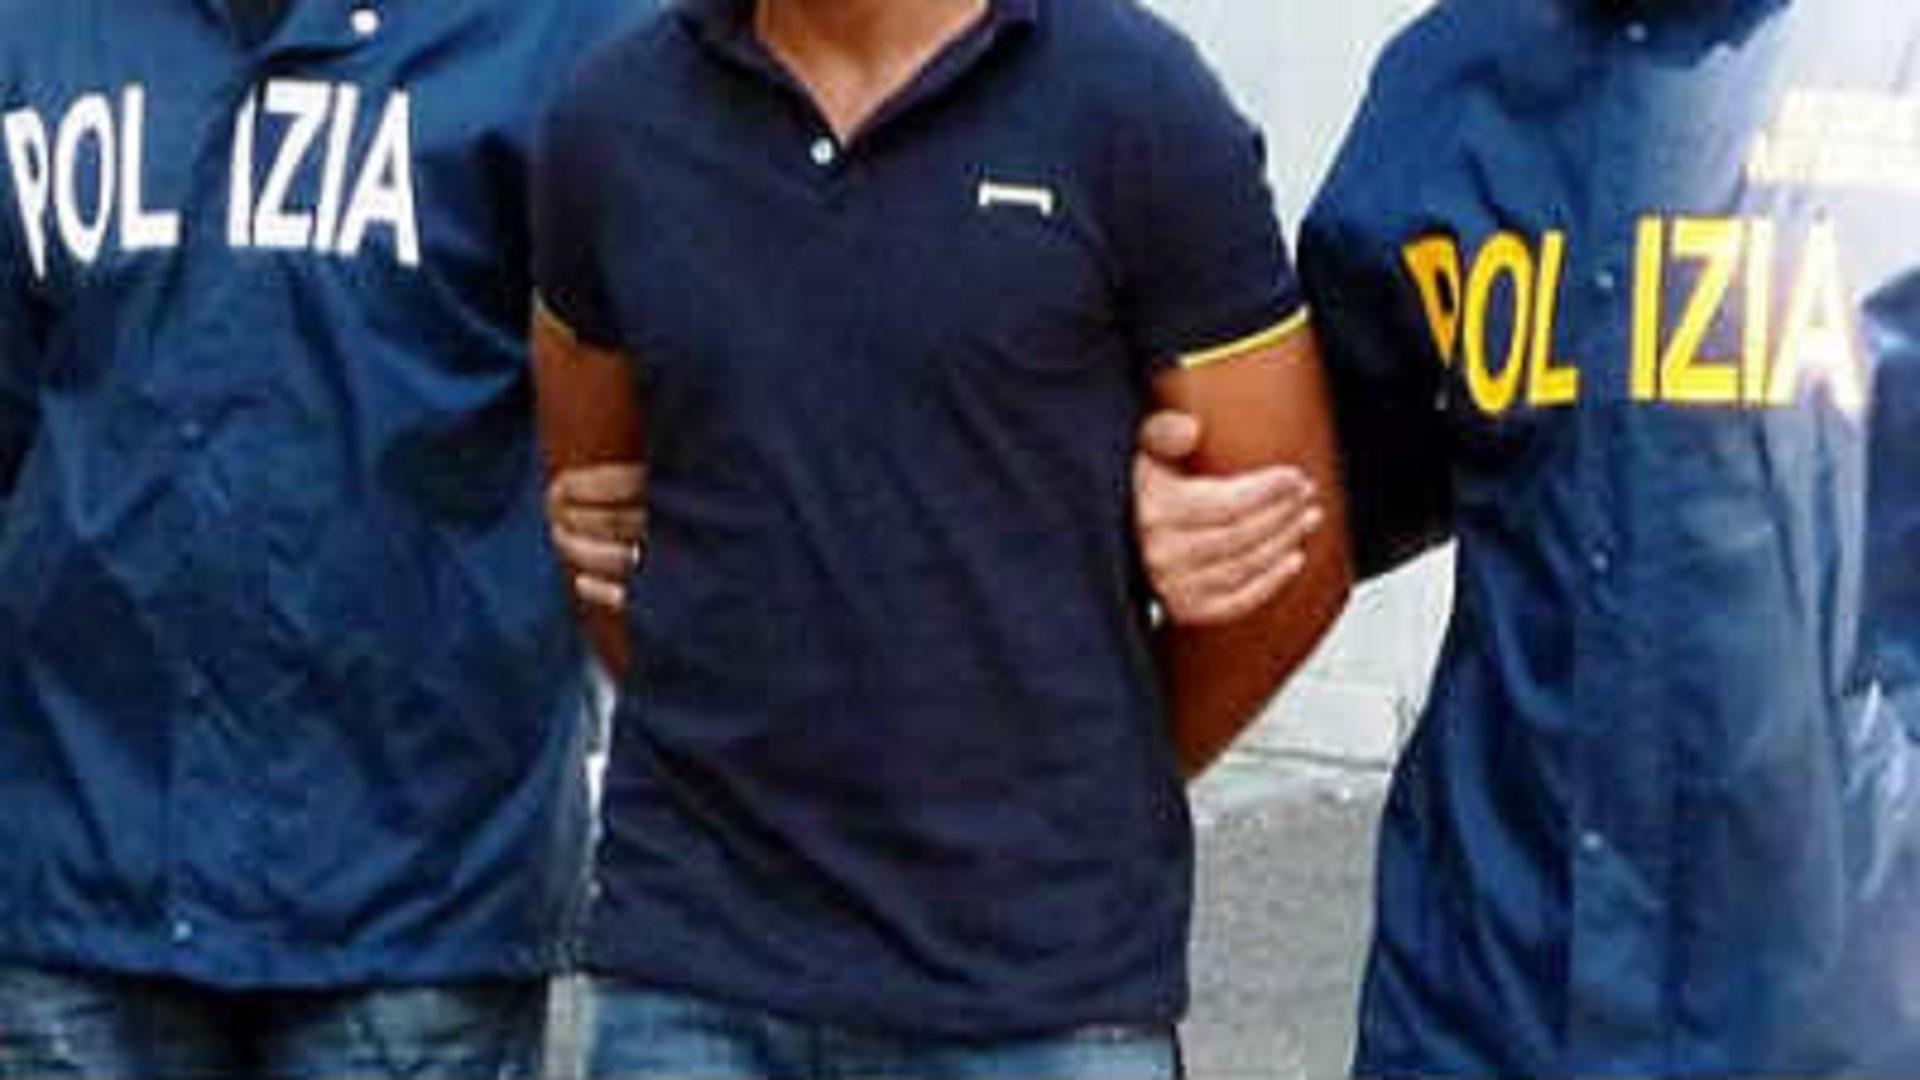 Bari, entra con un complice in un ristorante e spara all'impazzata uccidendo 4 uomini e ferendone altri e due, arrestato